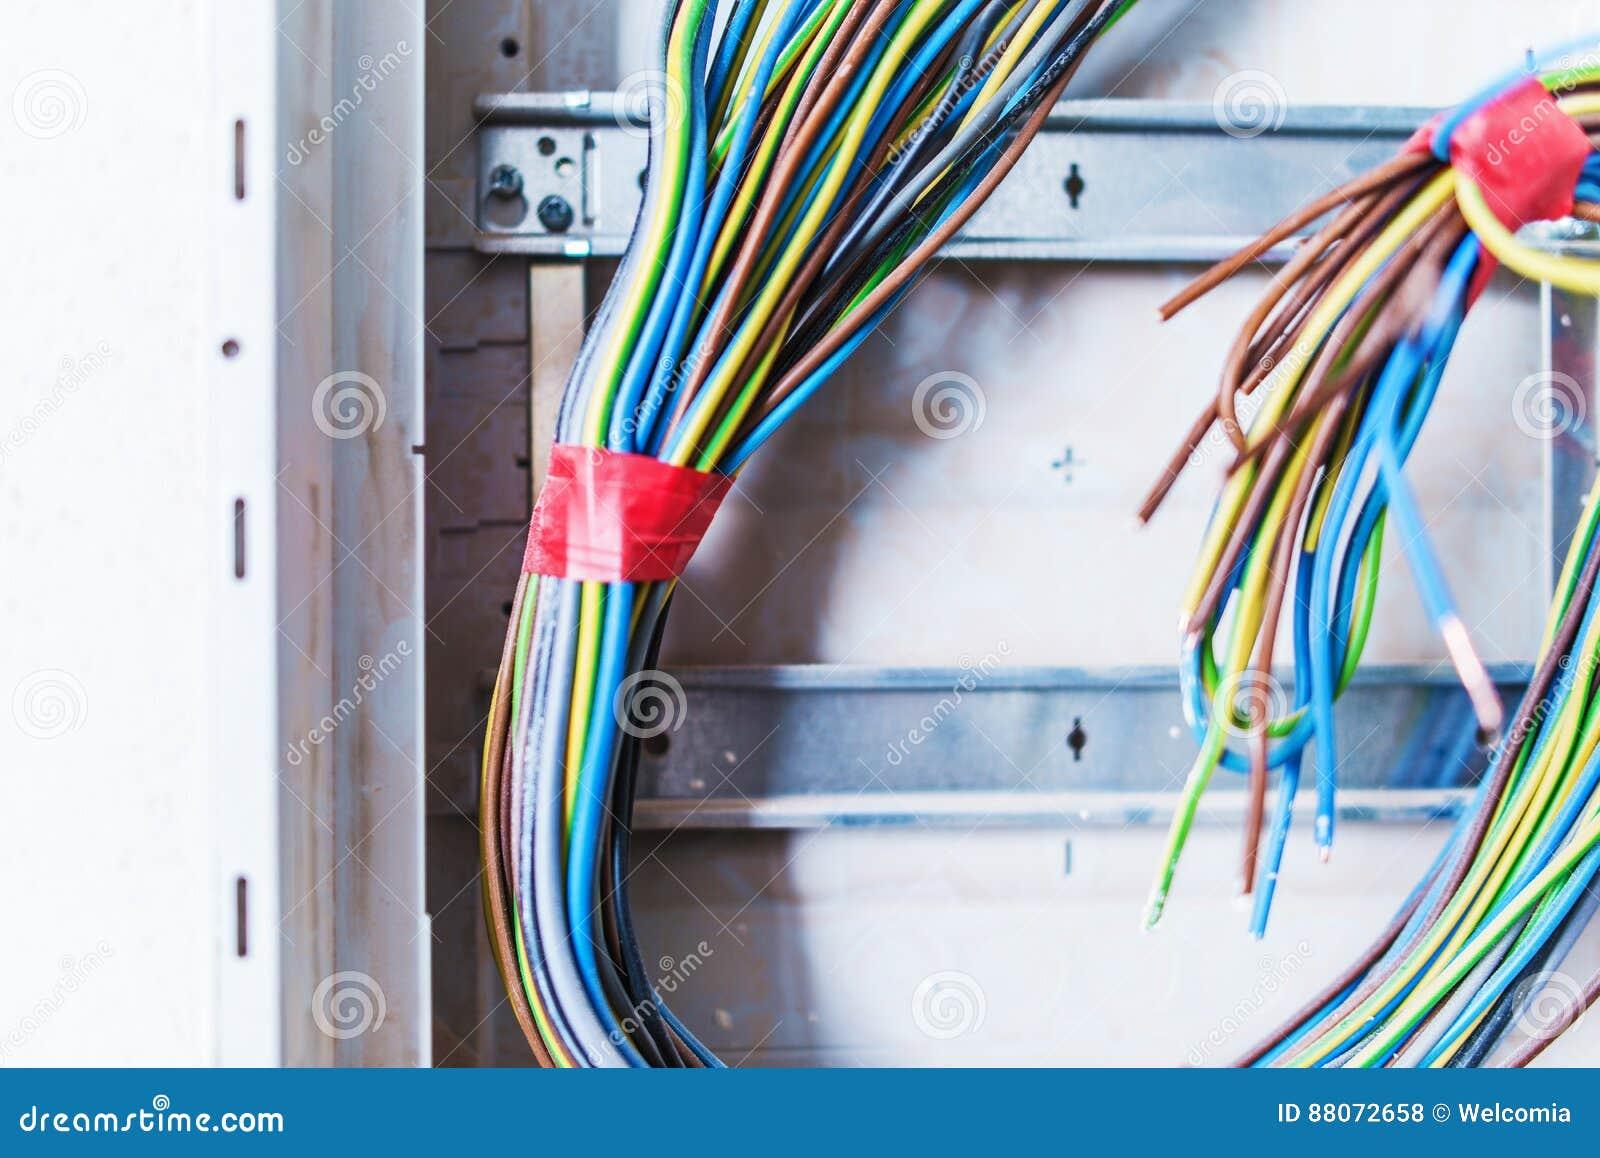 Berühmt Videotraining Für Elektrische Kabel Bilder - Elektrische ...